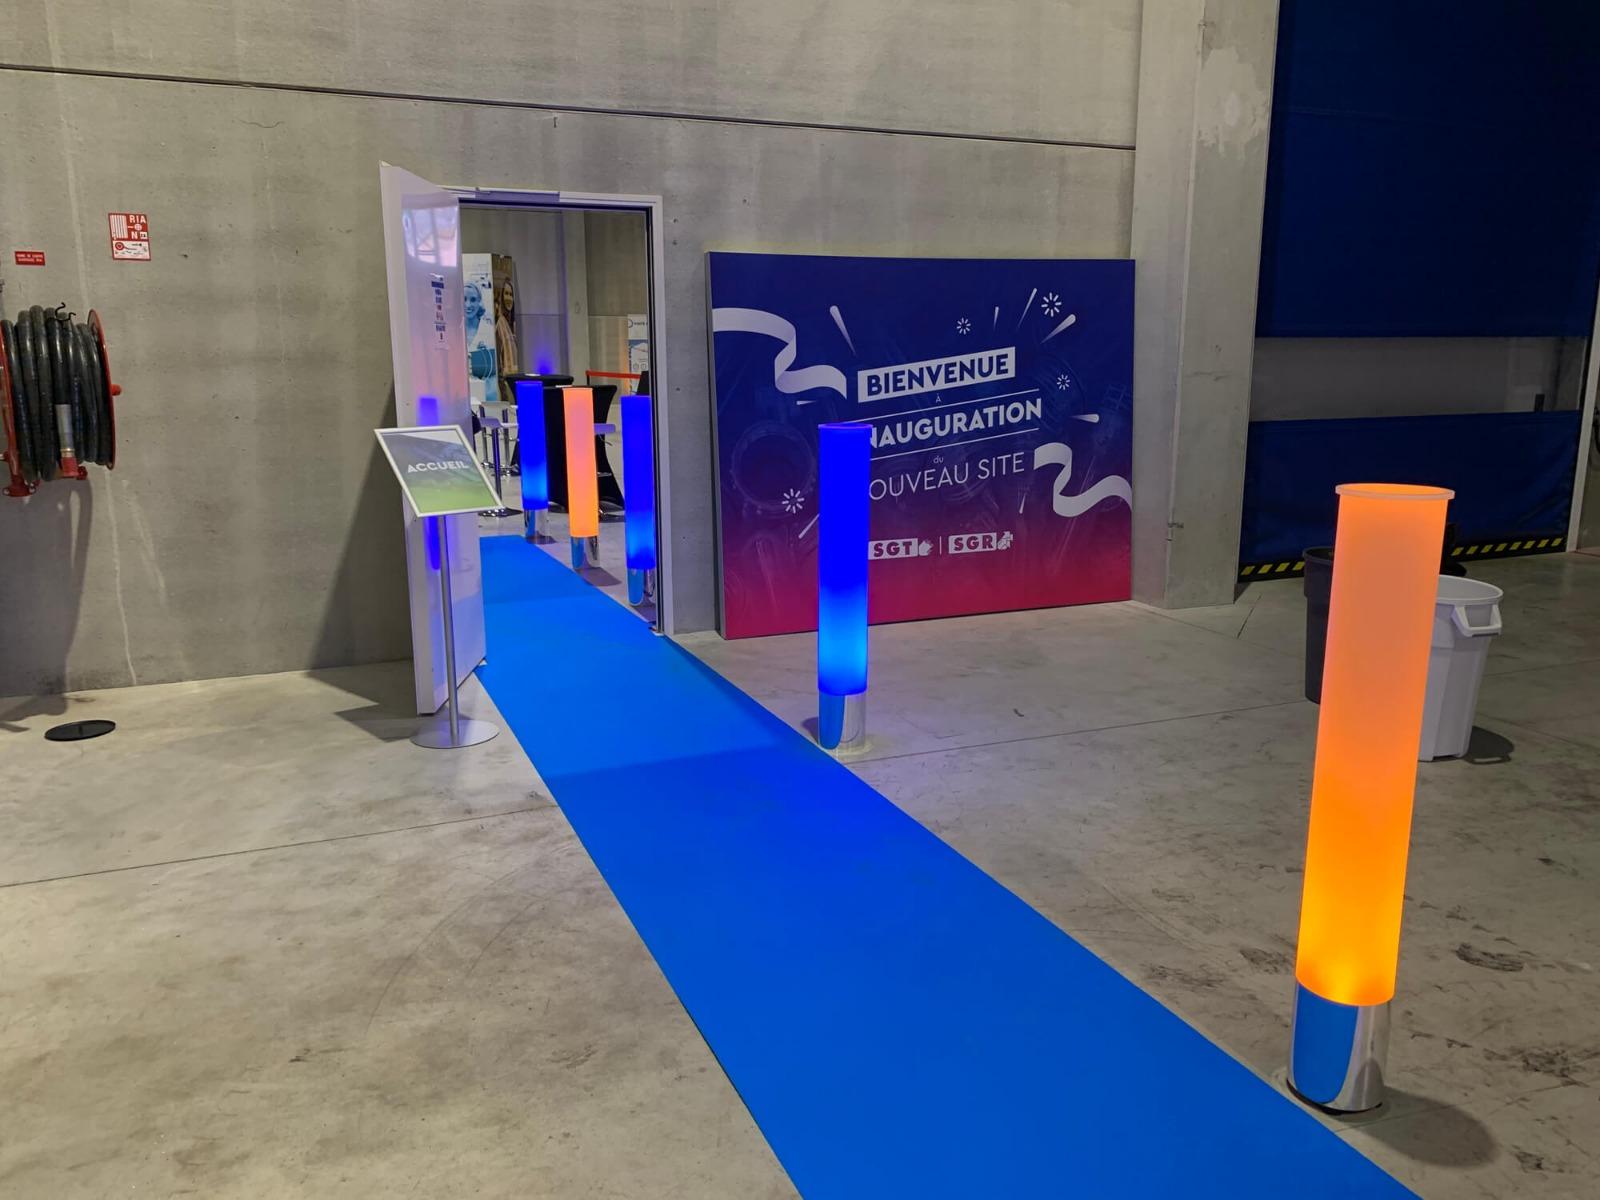 Décoration lumineuse entrée usine pour inauguration